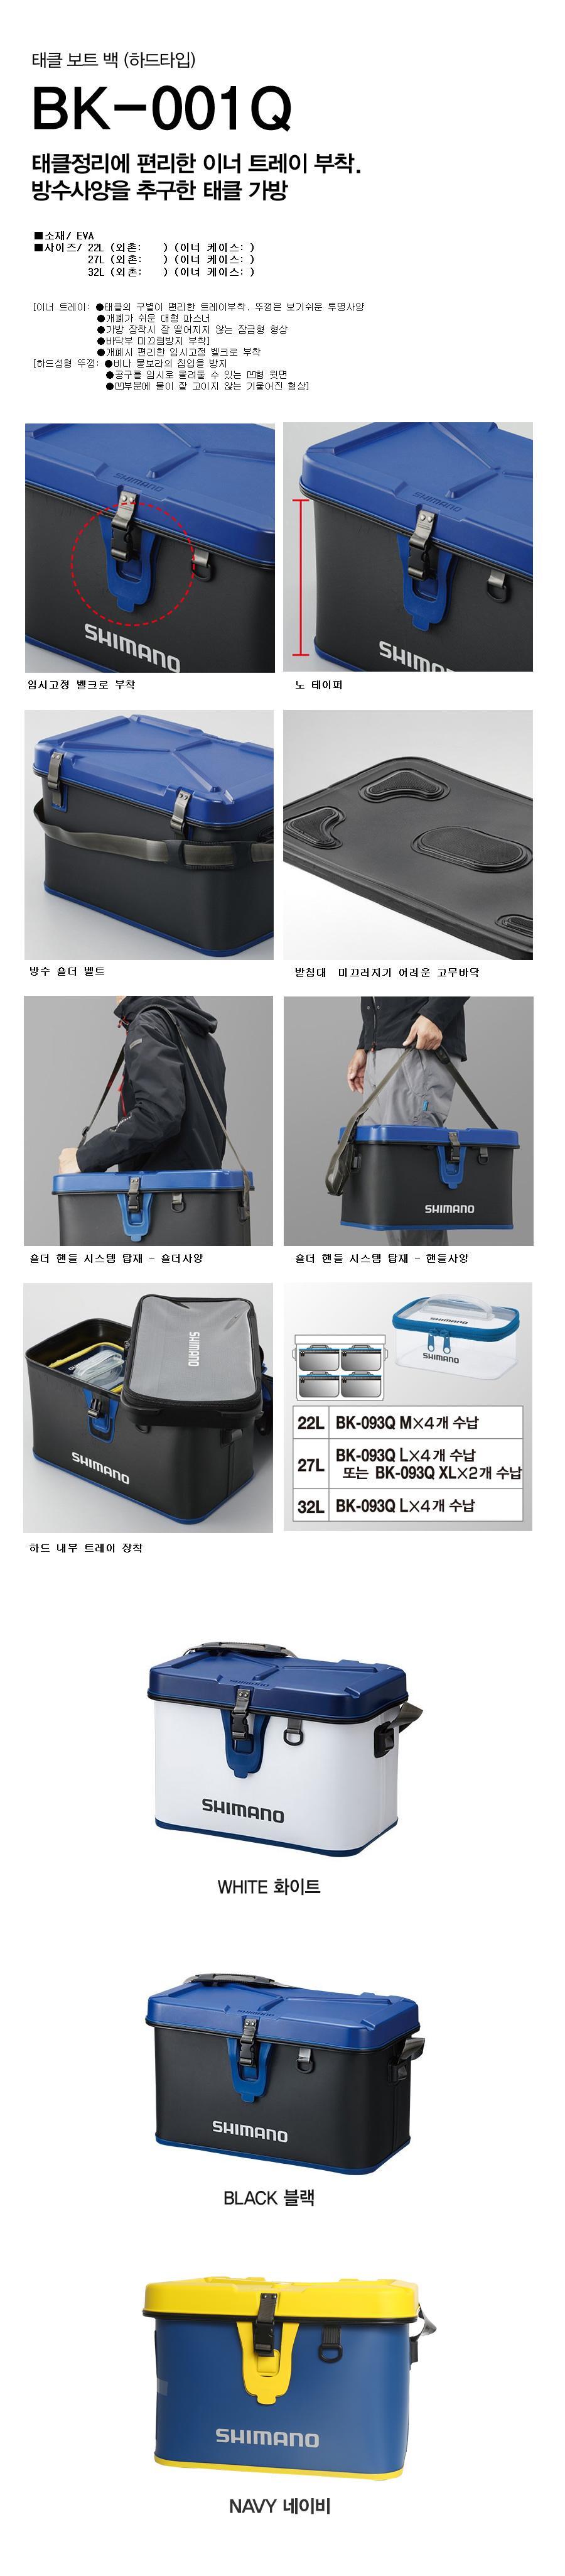 시마노 태클 보트백 (BK-001Q) 선상보조가방 루어보조가방 루어태클백